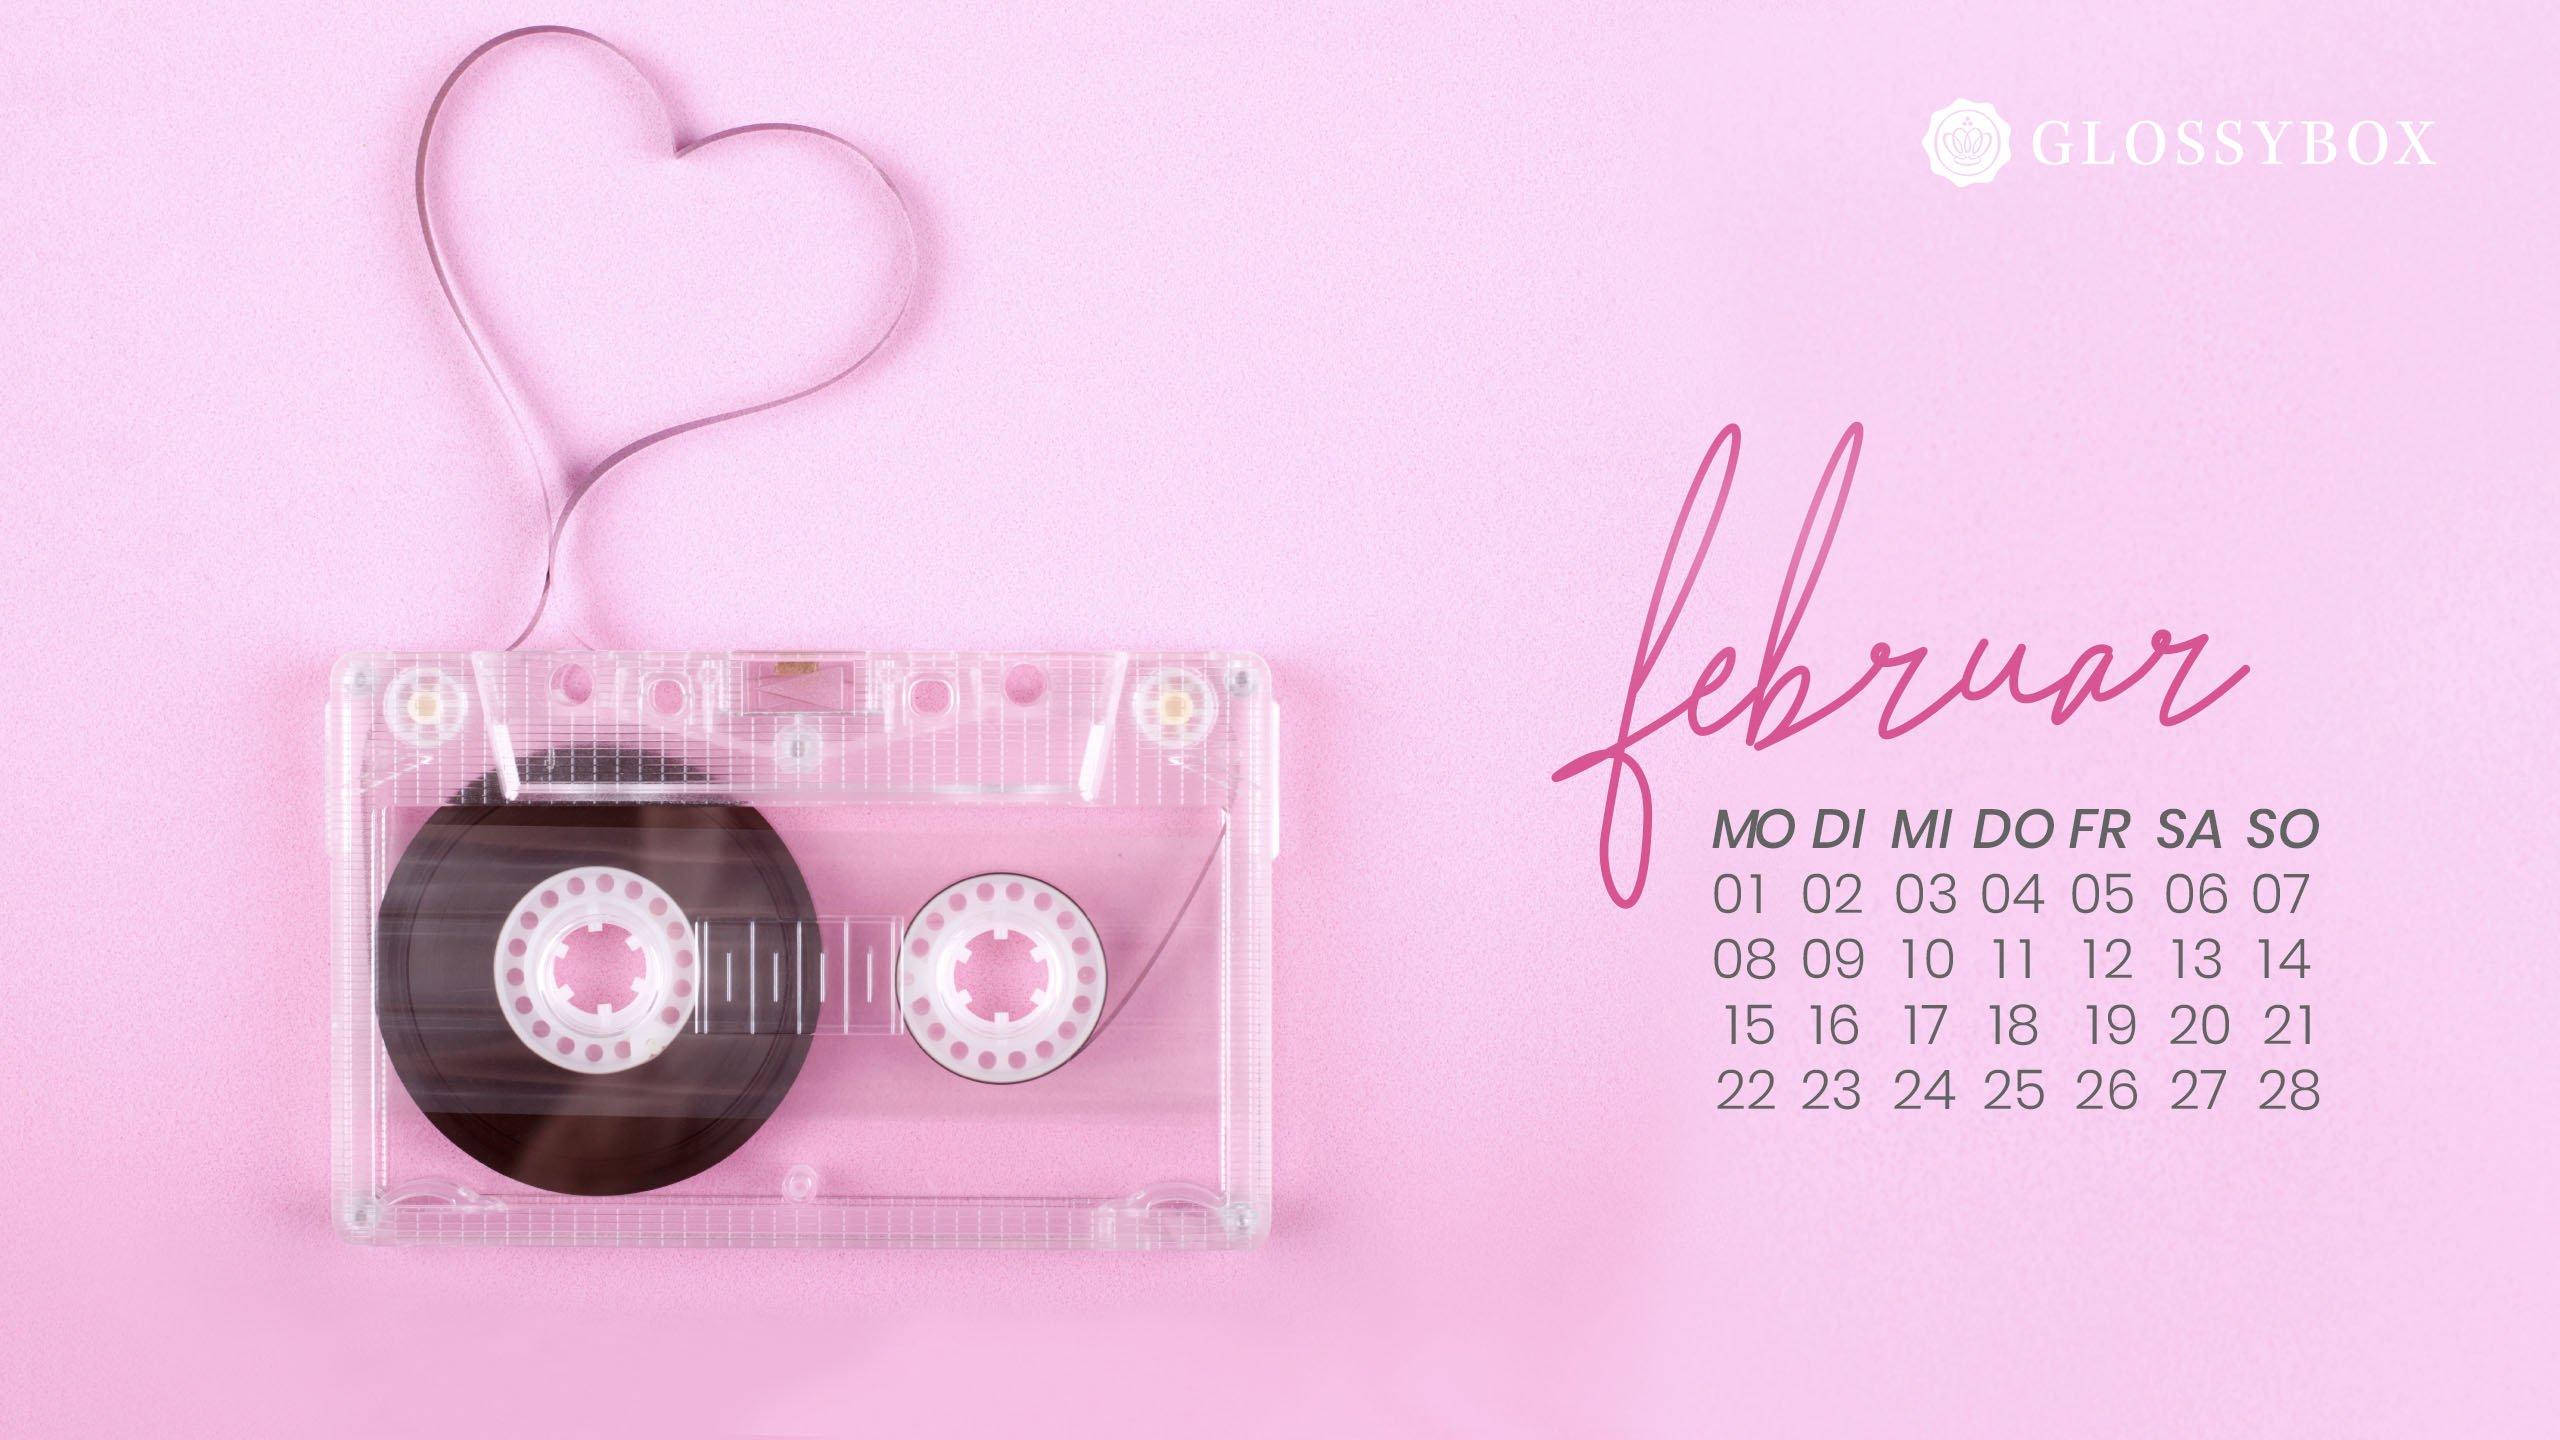 wallpaper-screensaver-glossybox-februar-2021-gratis